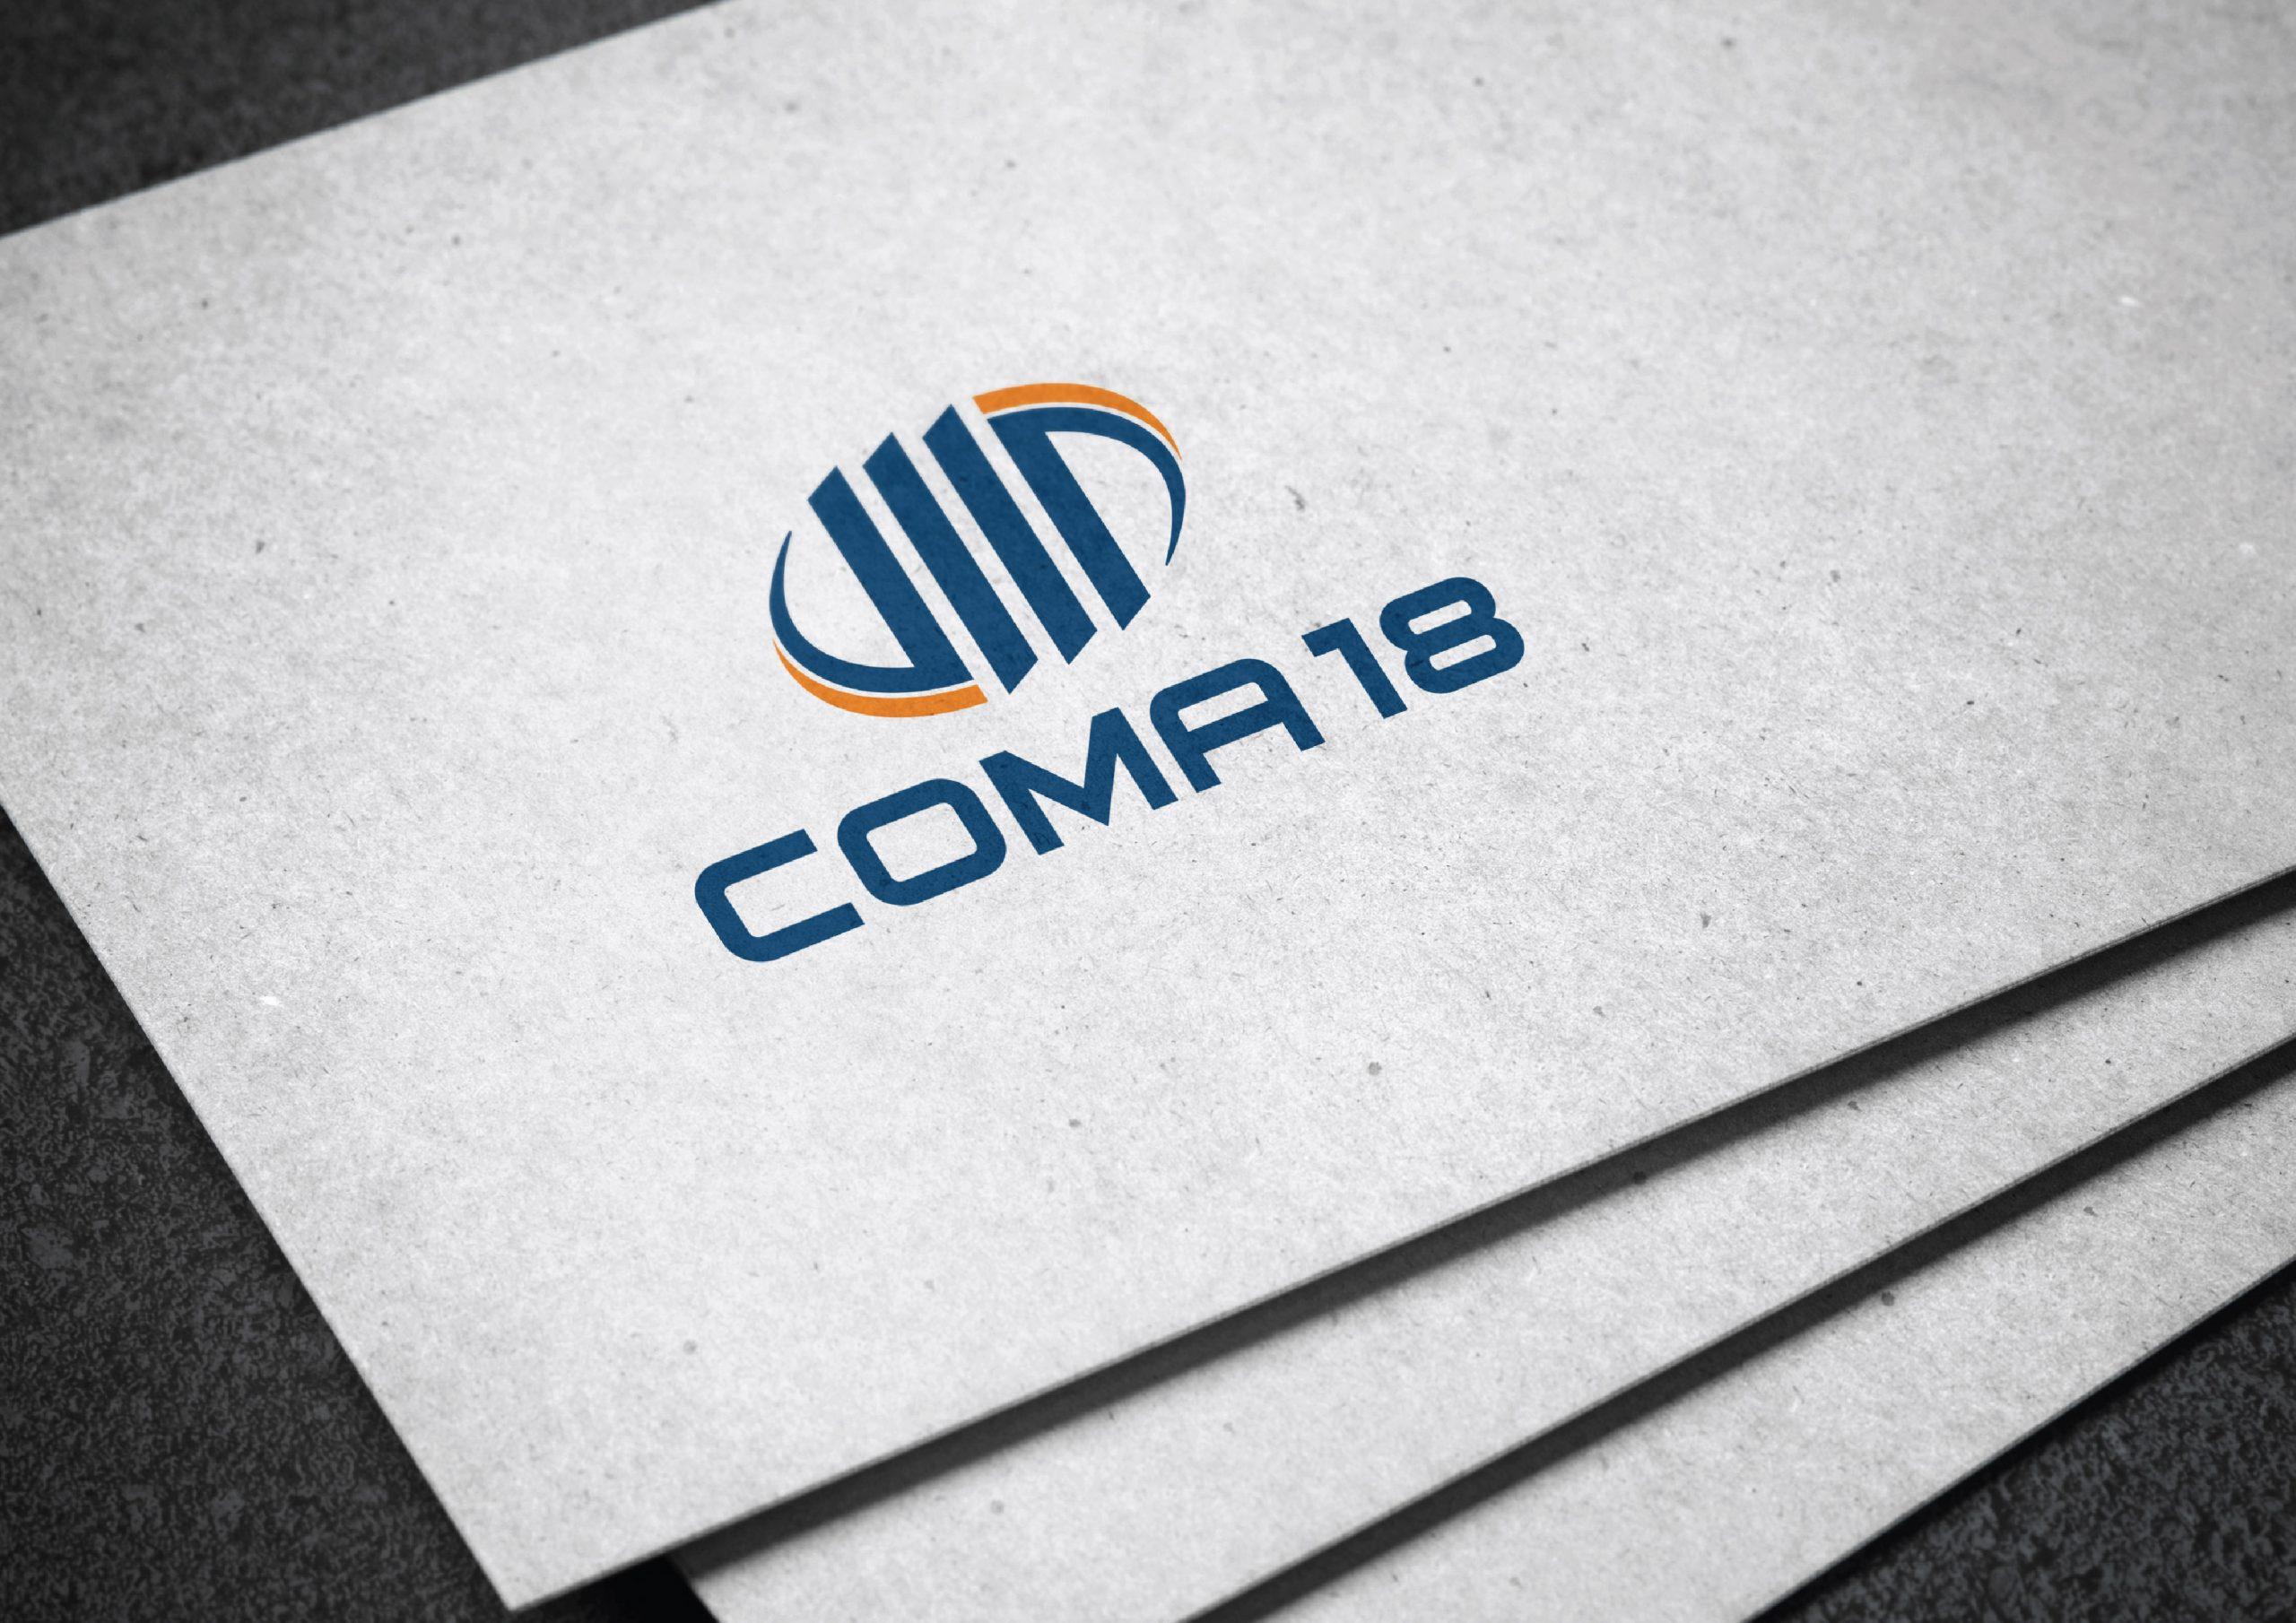 Giá cổ phiếu CIG của Công ty Cổ phần COMA 18 tăng mạnh.